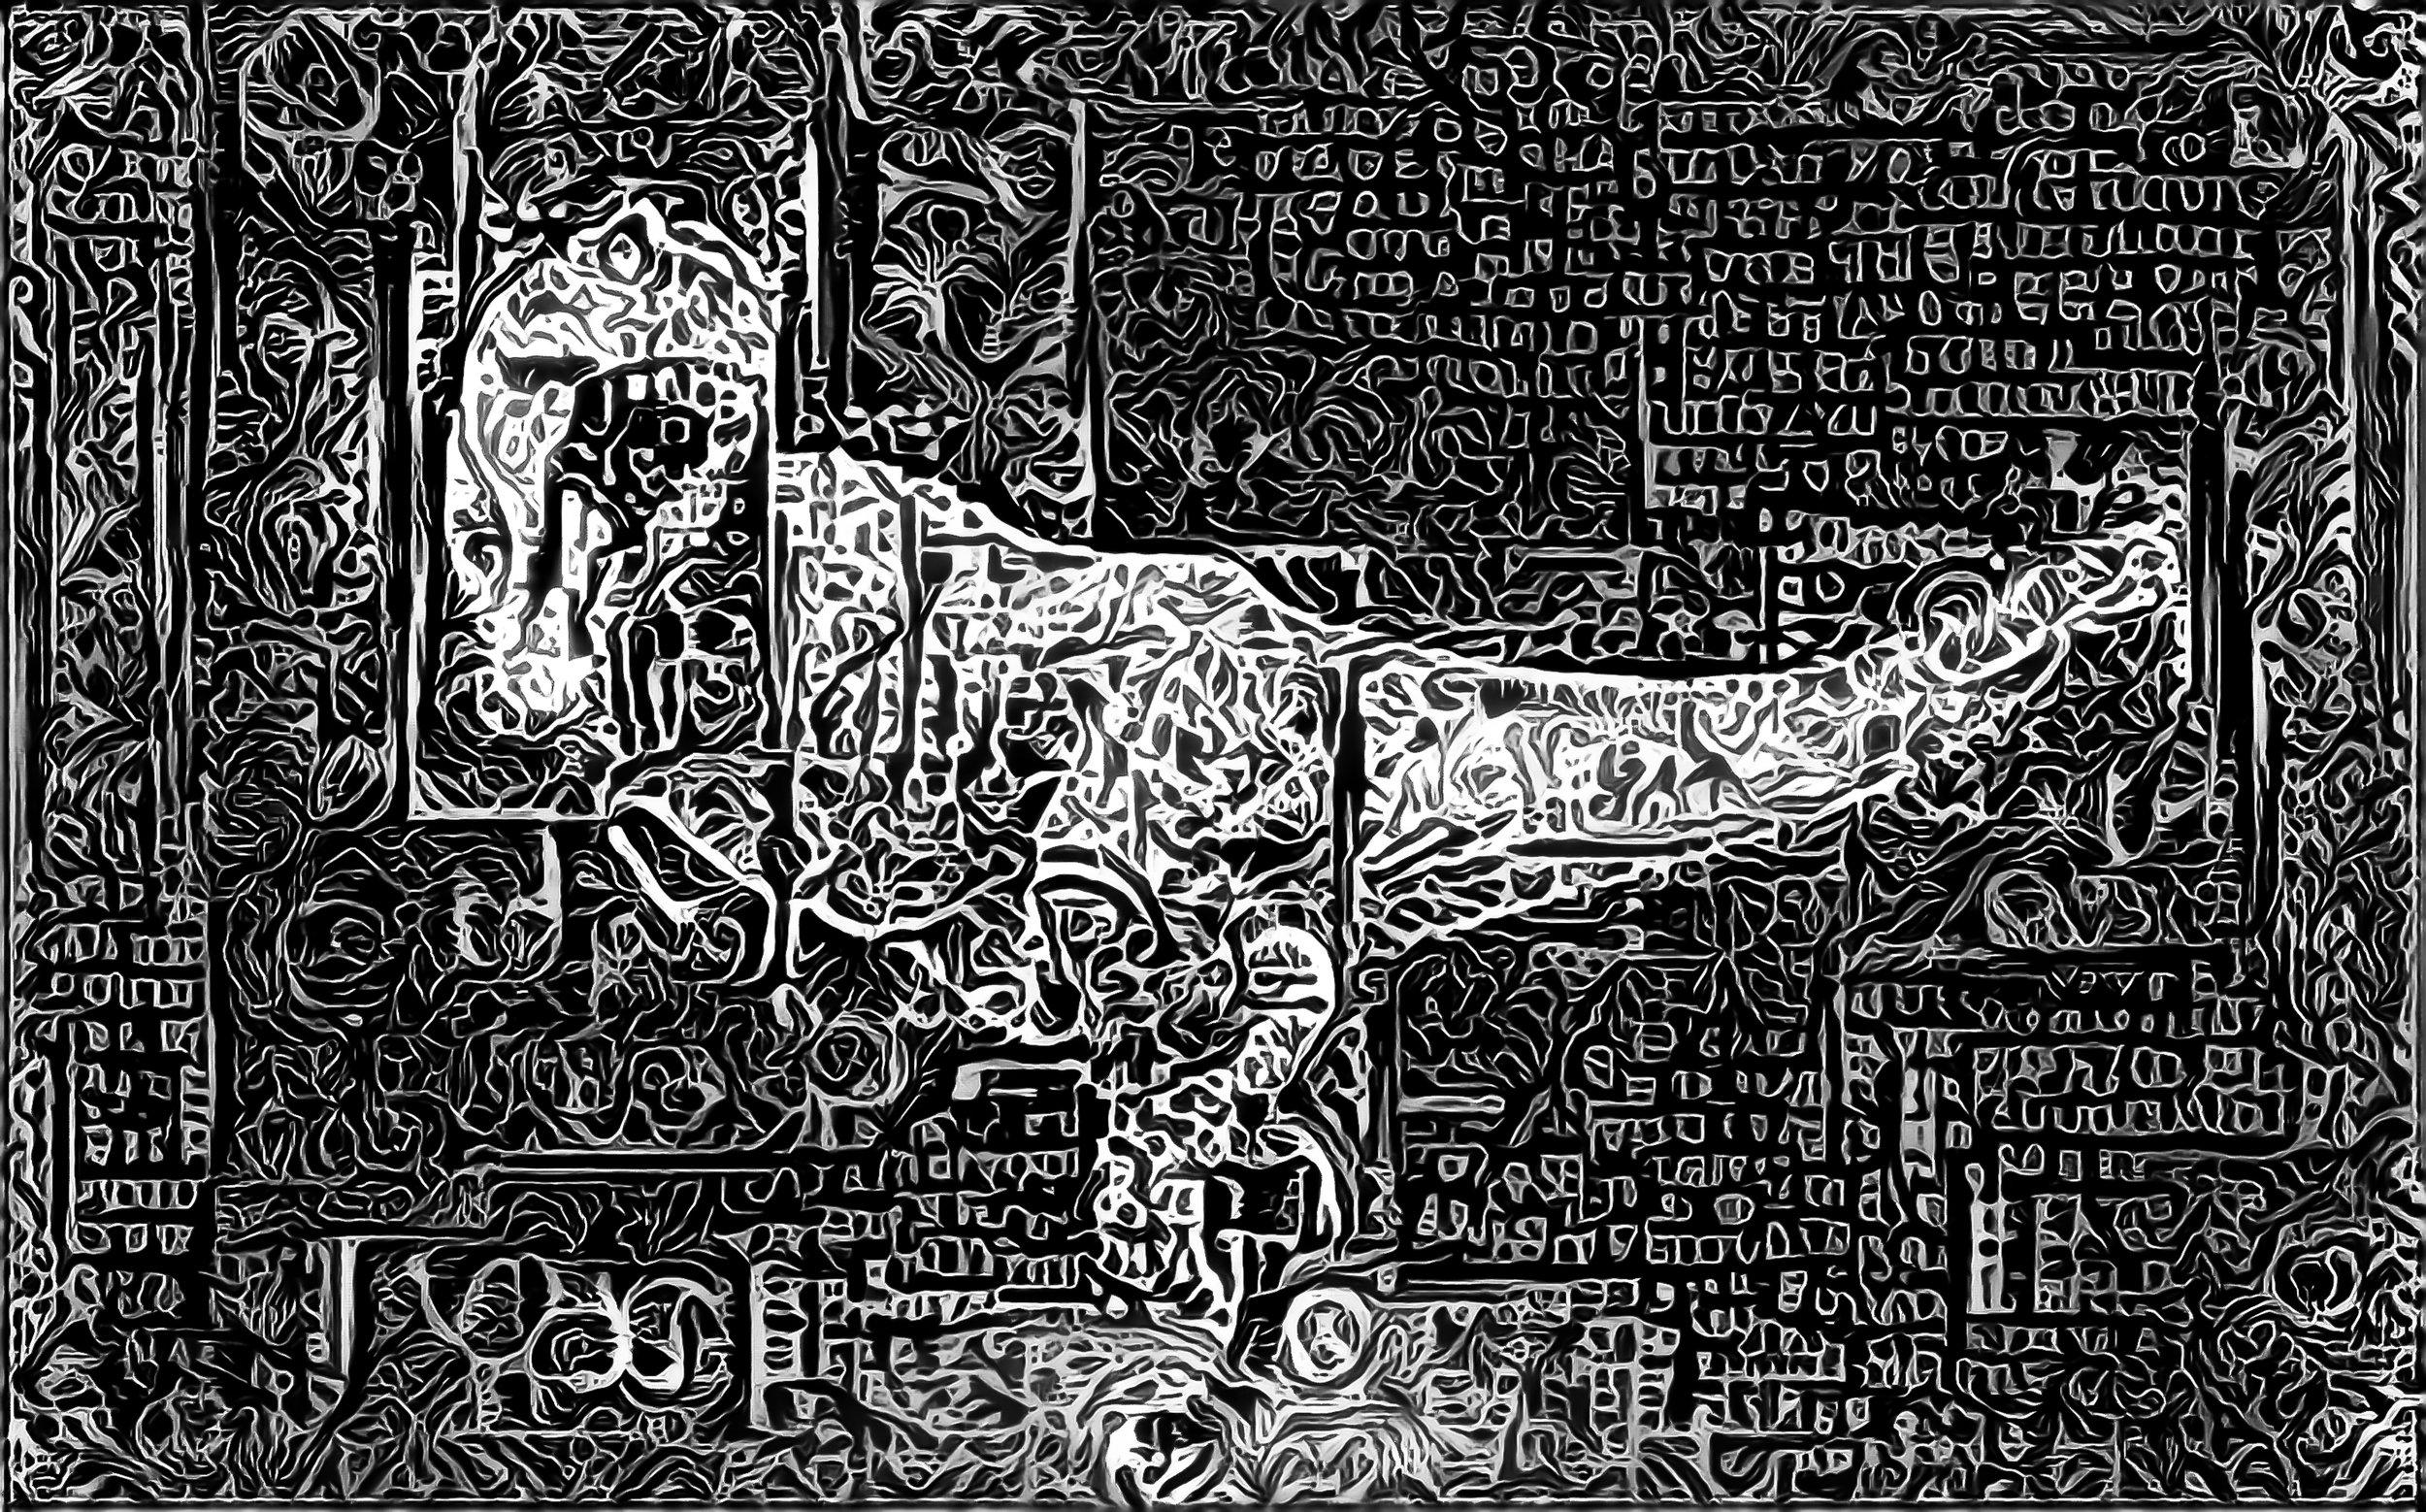 dragonrider-3.jpg